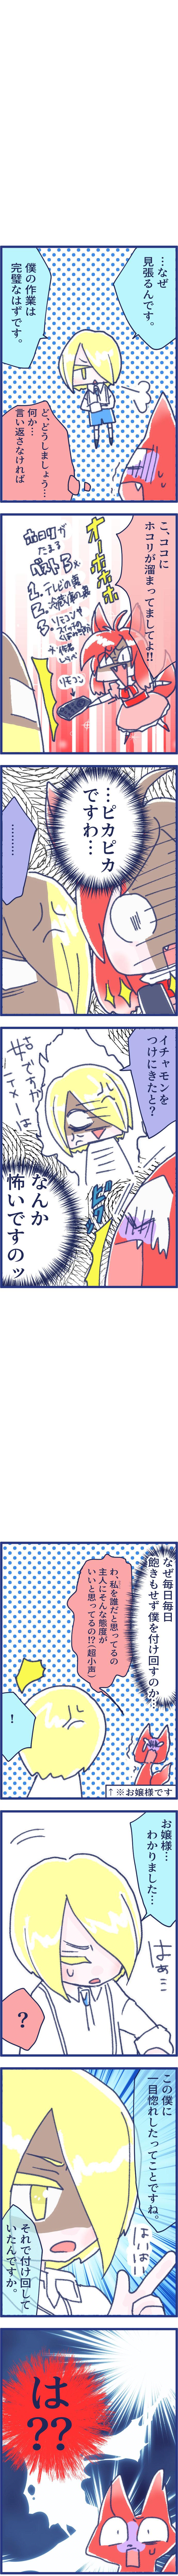 f:id:futagosiroan:20180923173603j:image